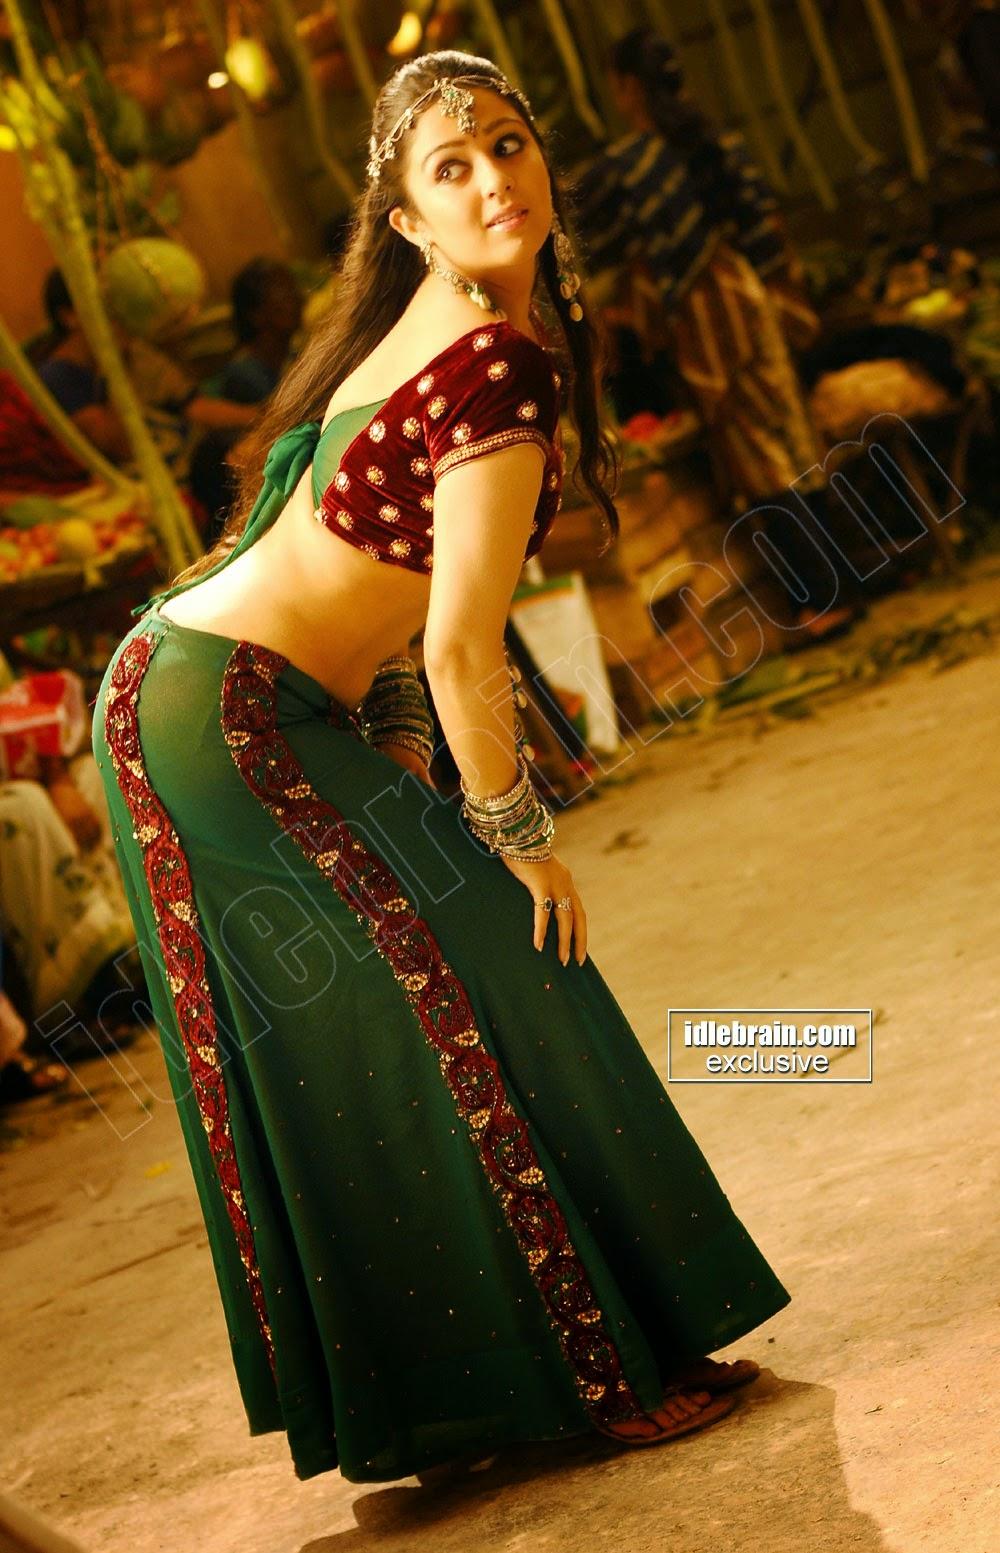 Indian Garam Masala Charmi Kaur Sexy Bend Dance Pics